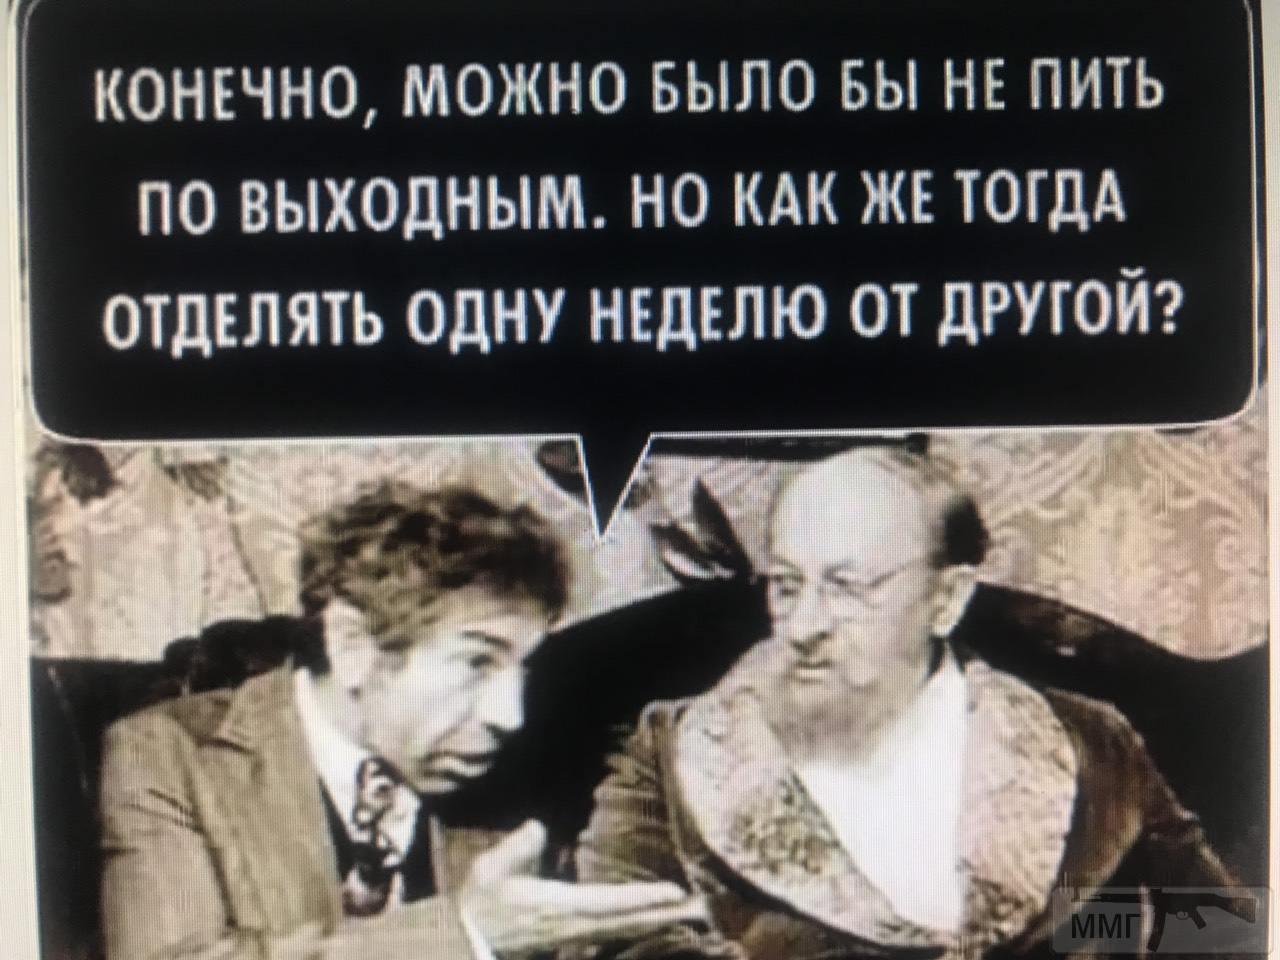 67022 - Пить или не пить? - пятничная алкогольная тема )))